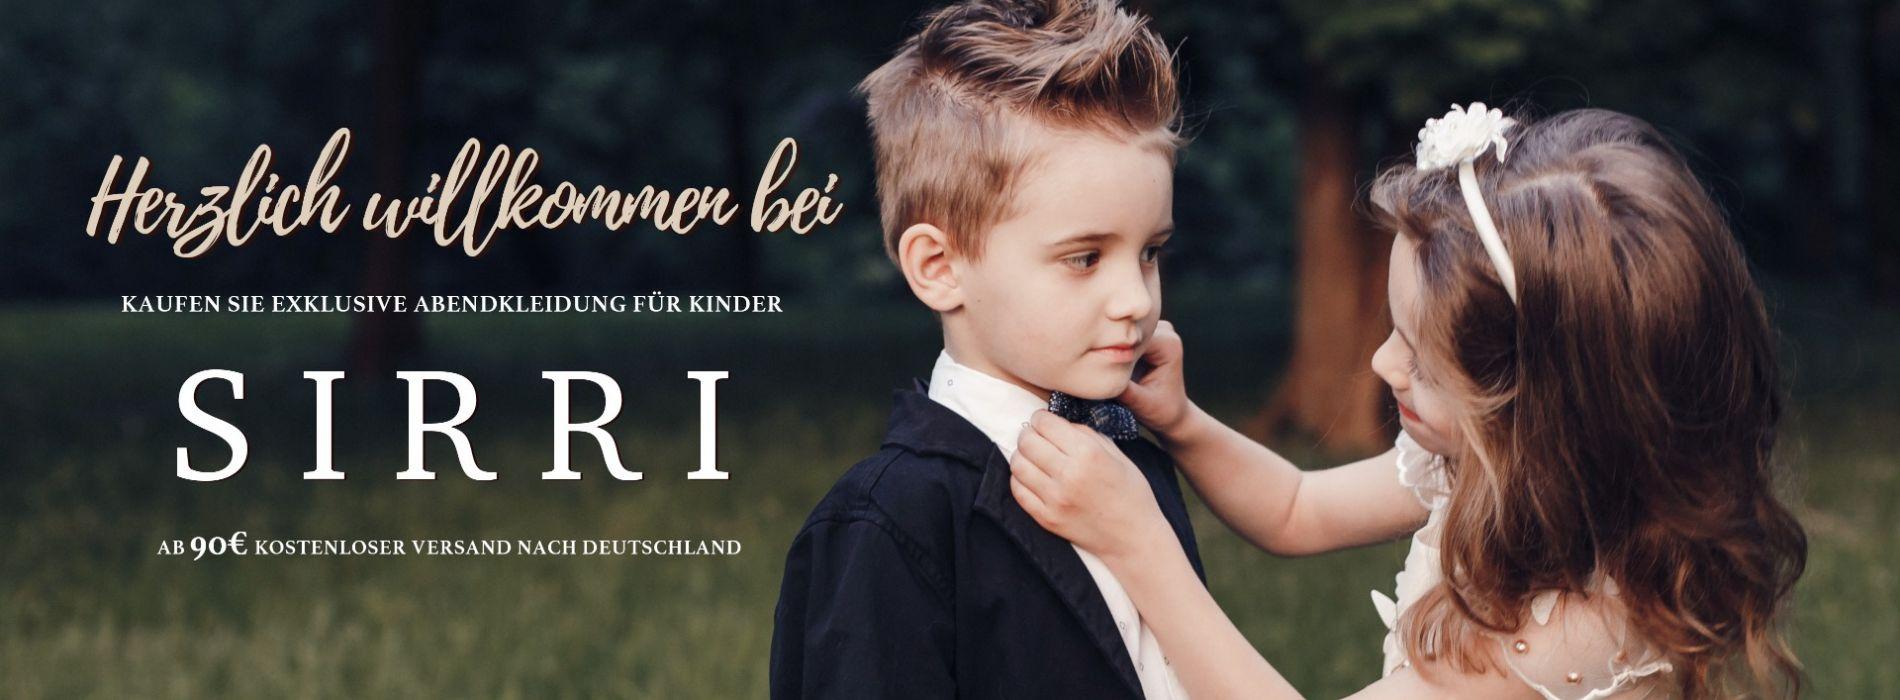 https://www.sirrionline.de/was-gibt-s-neues.html